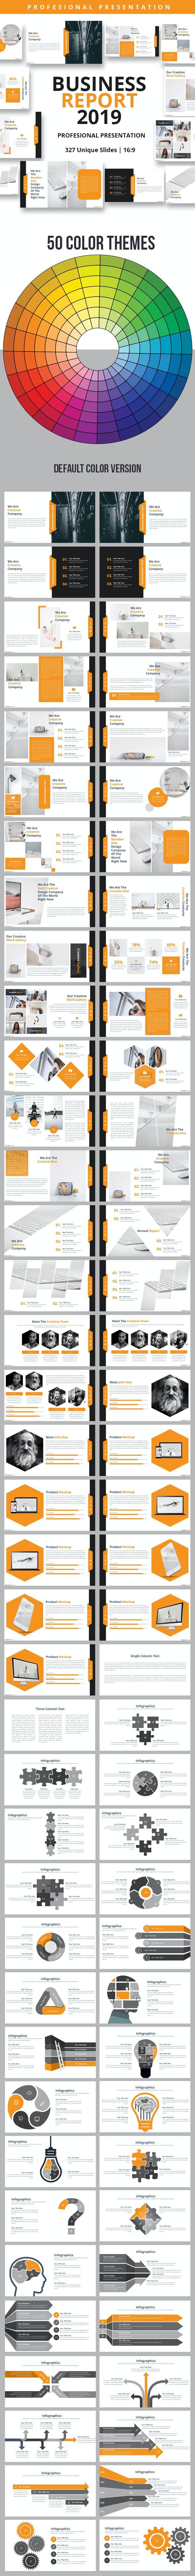 Business Report 2019 Google Slides Presentation Template - Google Slides Presentation Templates